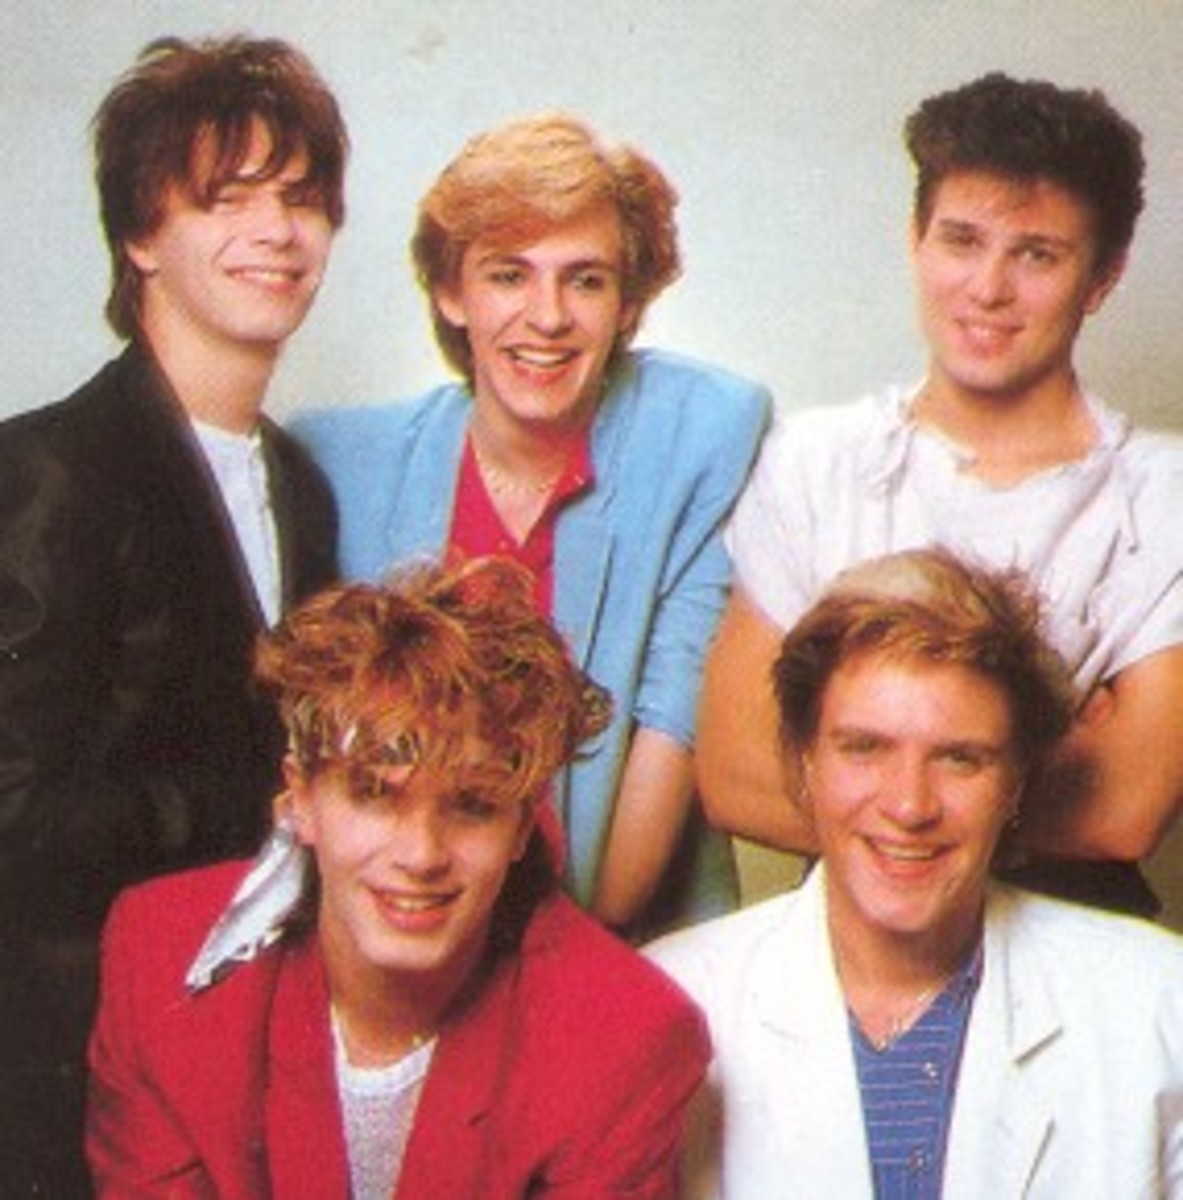 Duran Duran around 1981.